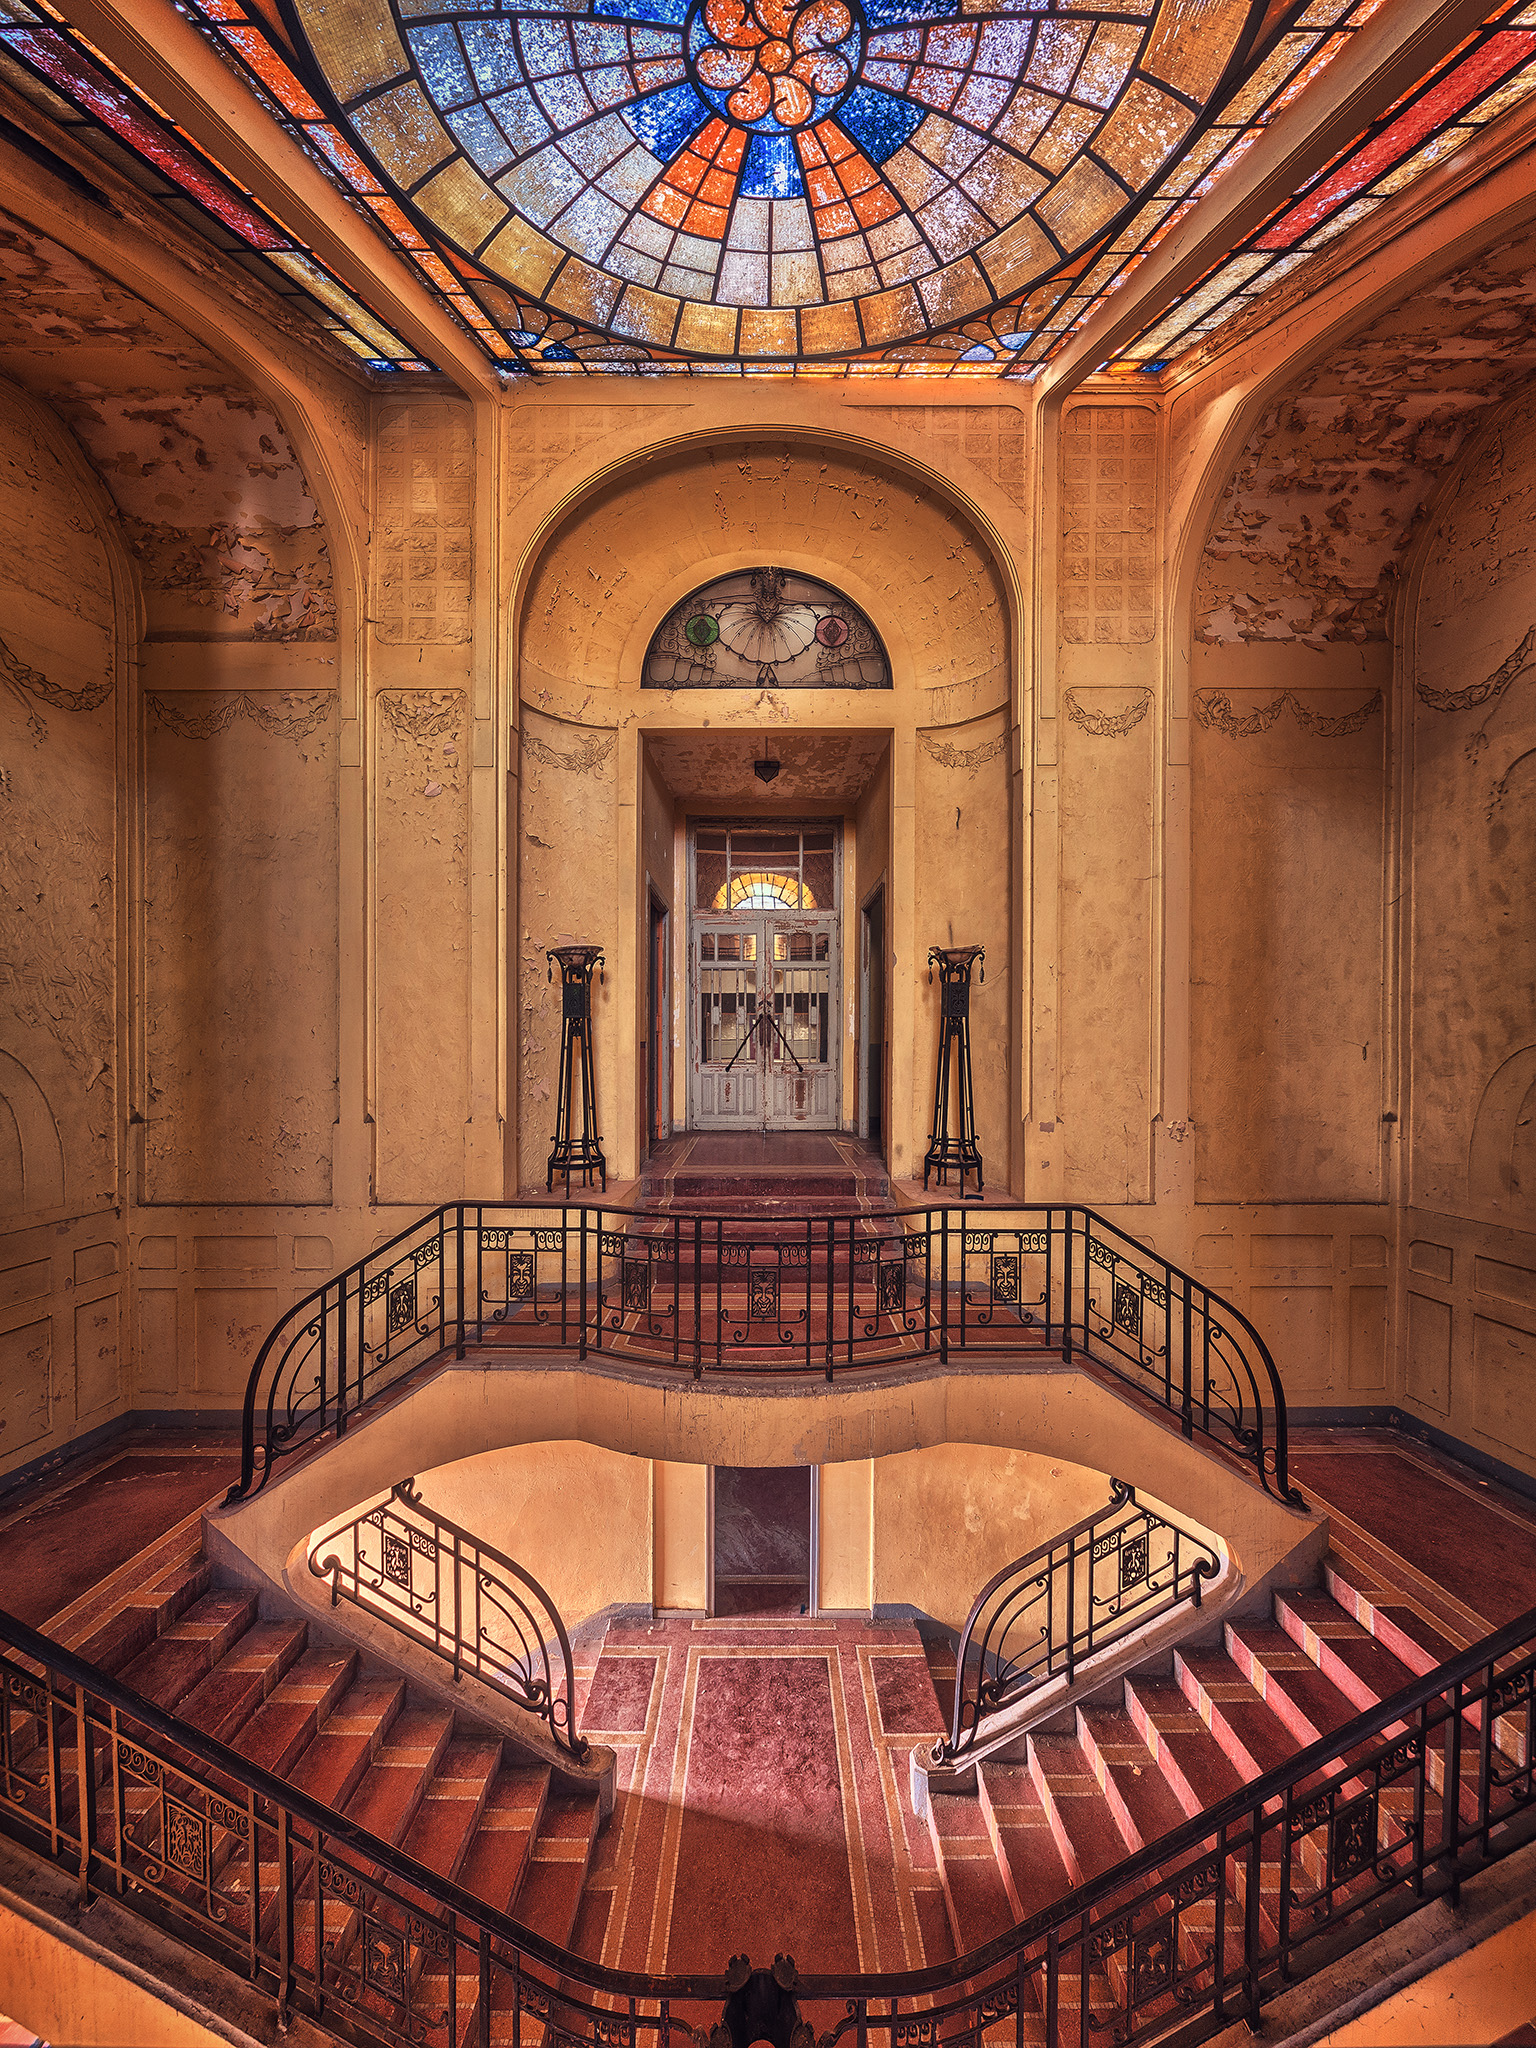 Grand Entrance by Matthias-Haker